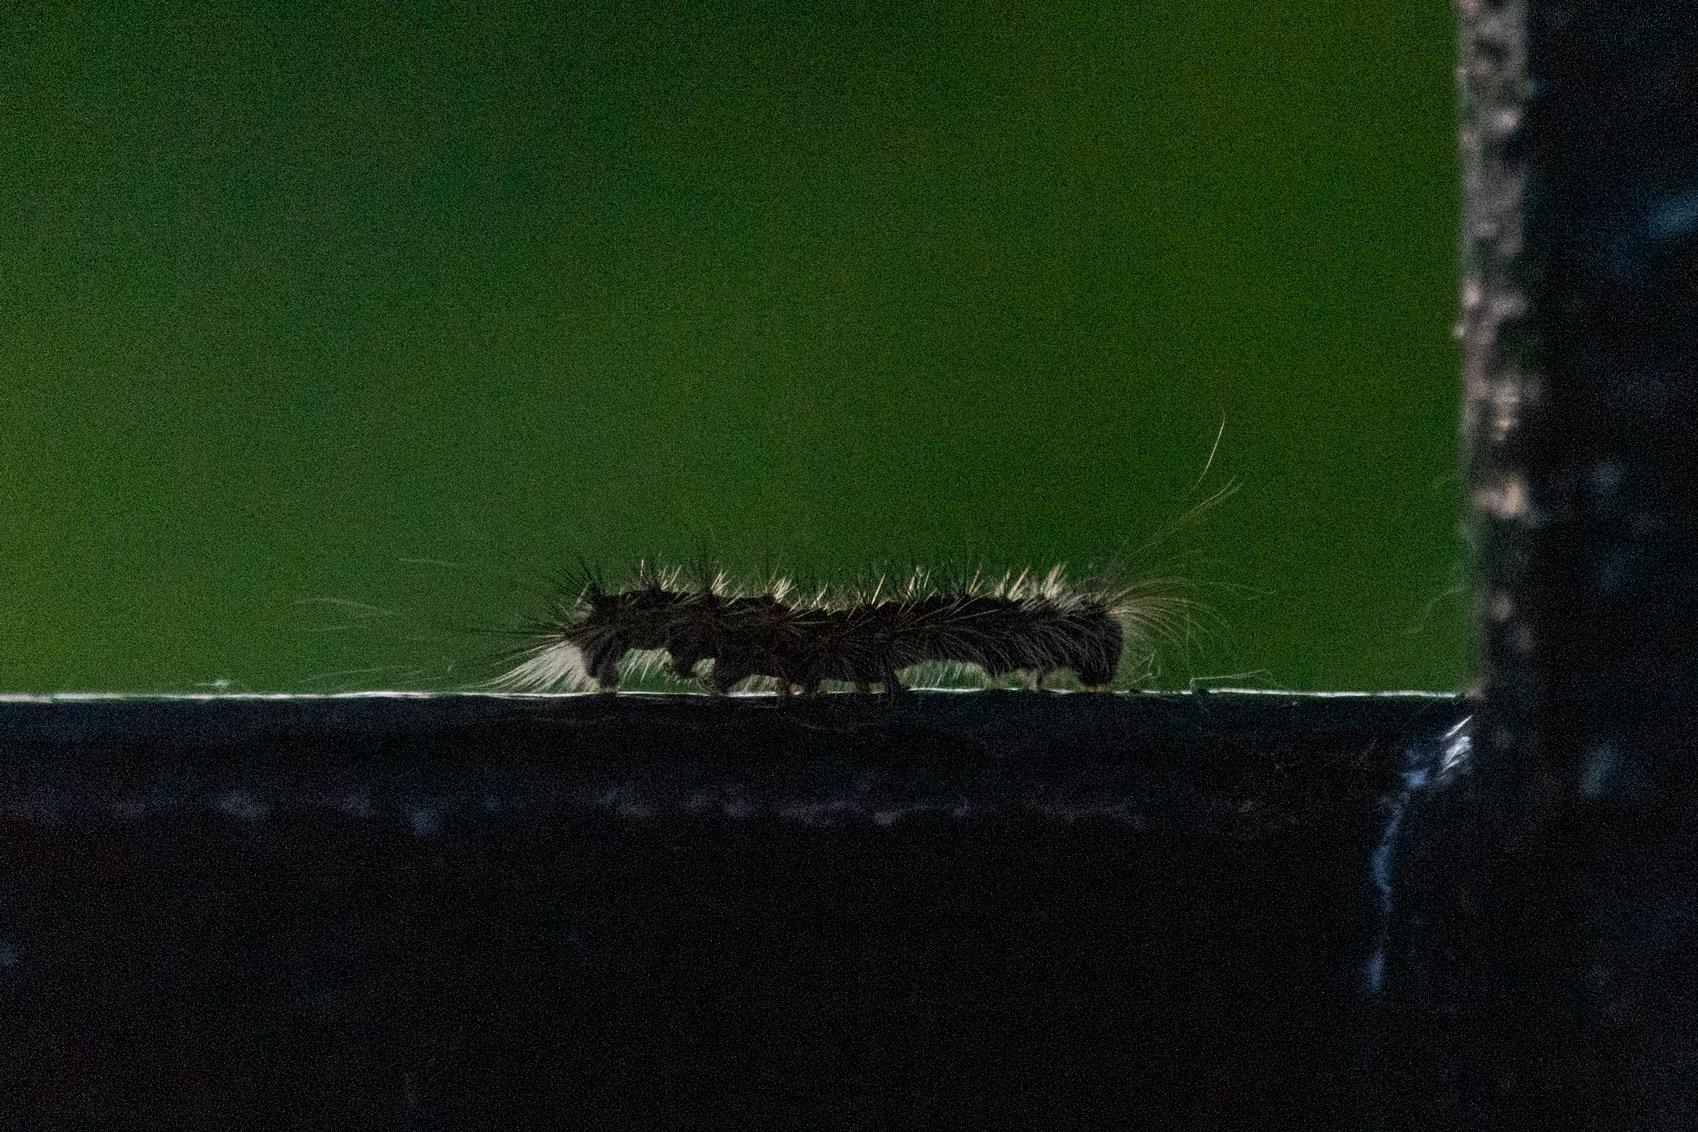 Caterpillar crawling along a metal fence